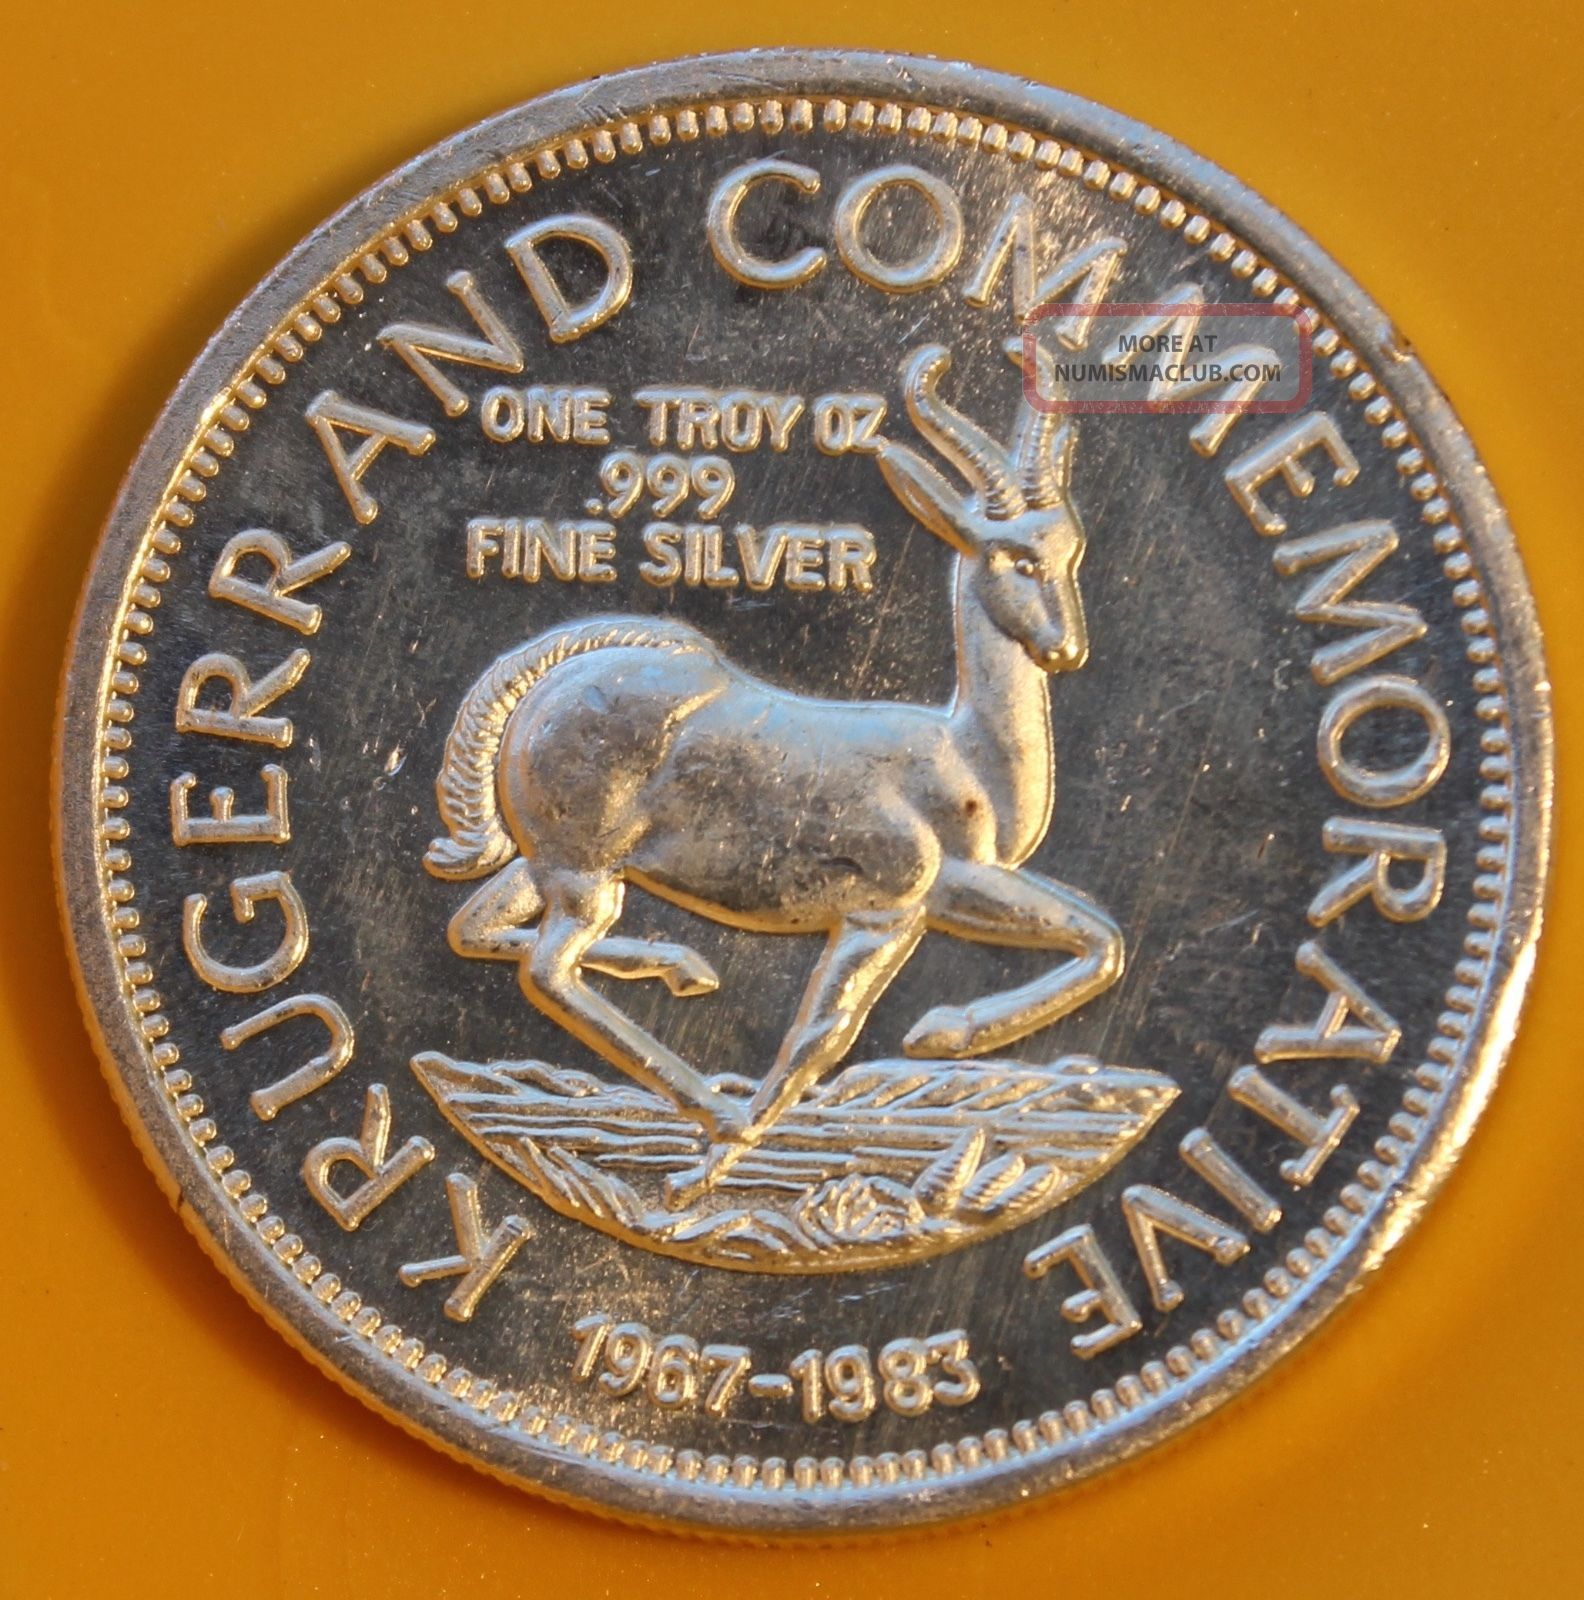 1983 Silver Stefans Johannes Kruger Commemorative 1 Troy